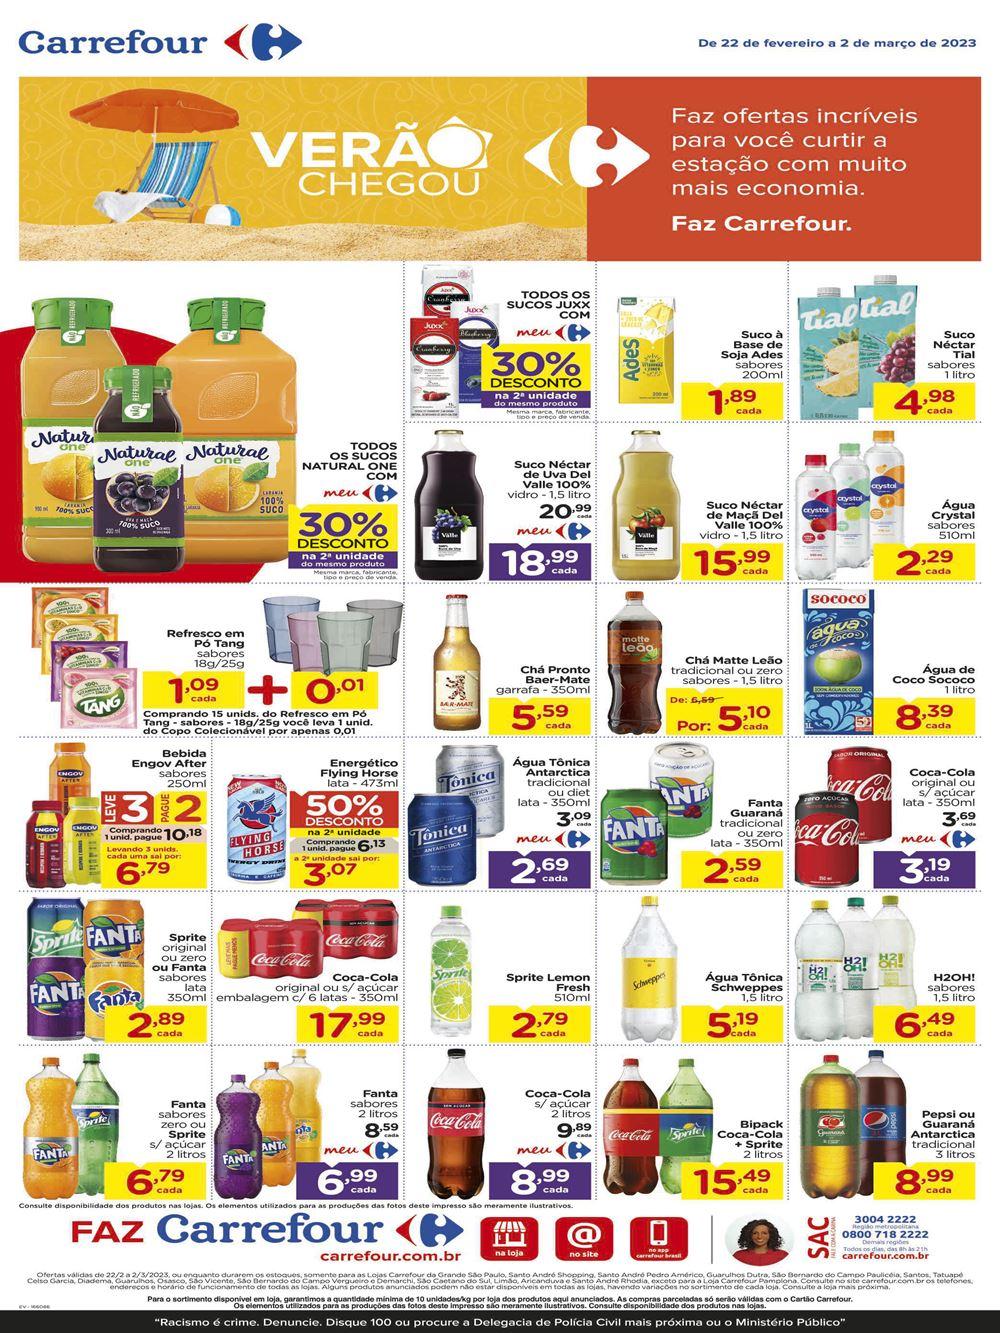 carrefour-ofertas-descontos-hoje5-16 Carrefour até 08/08